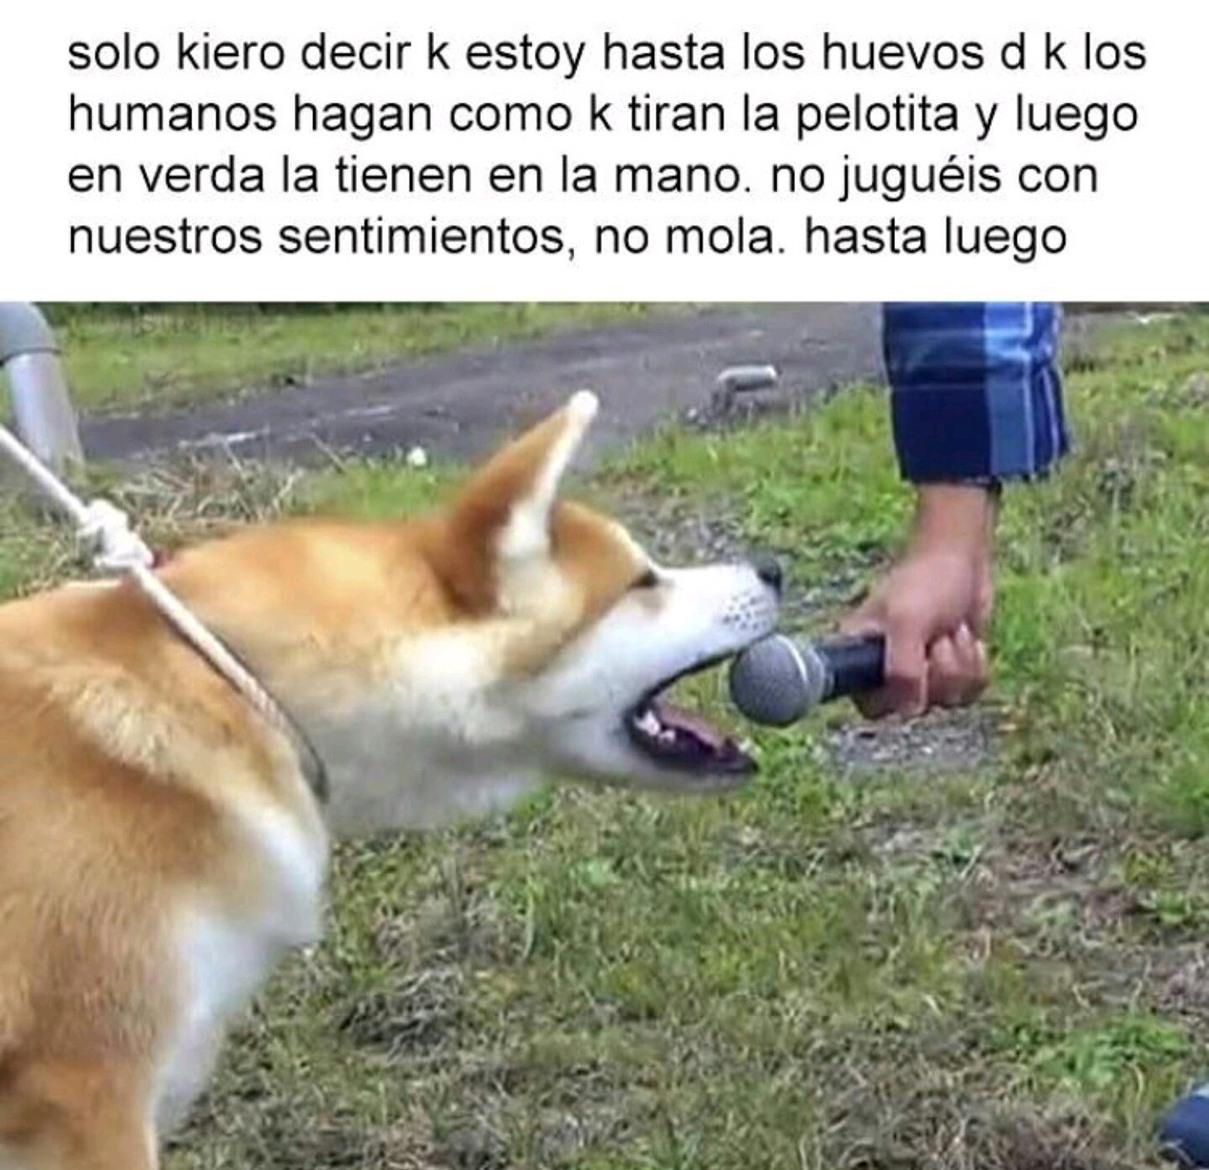 La rebelión de los perros - meme